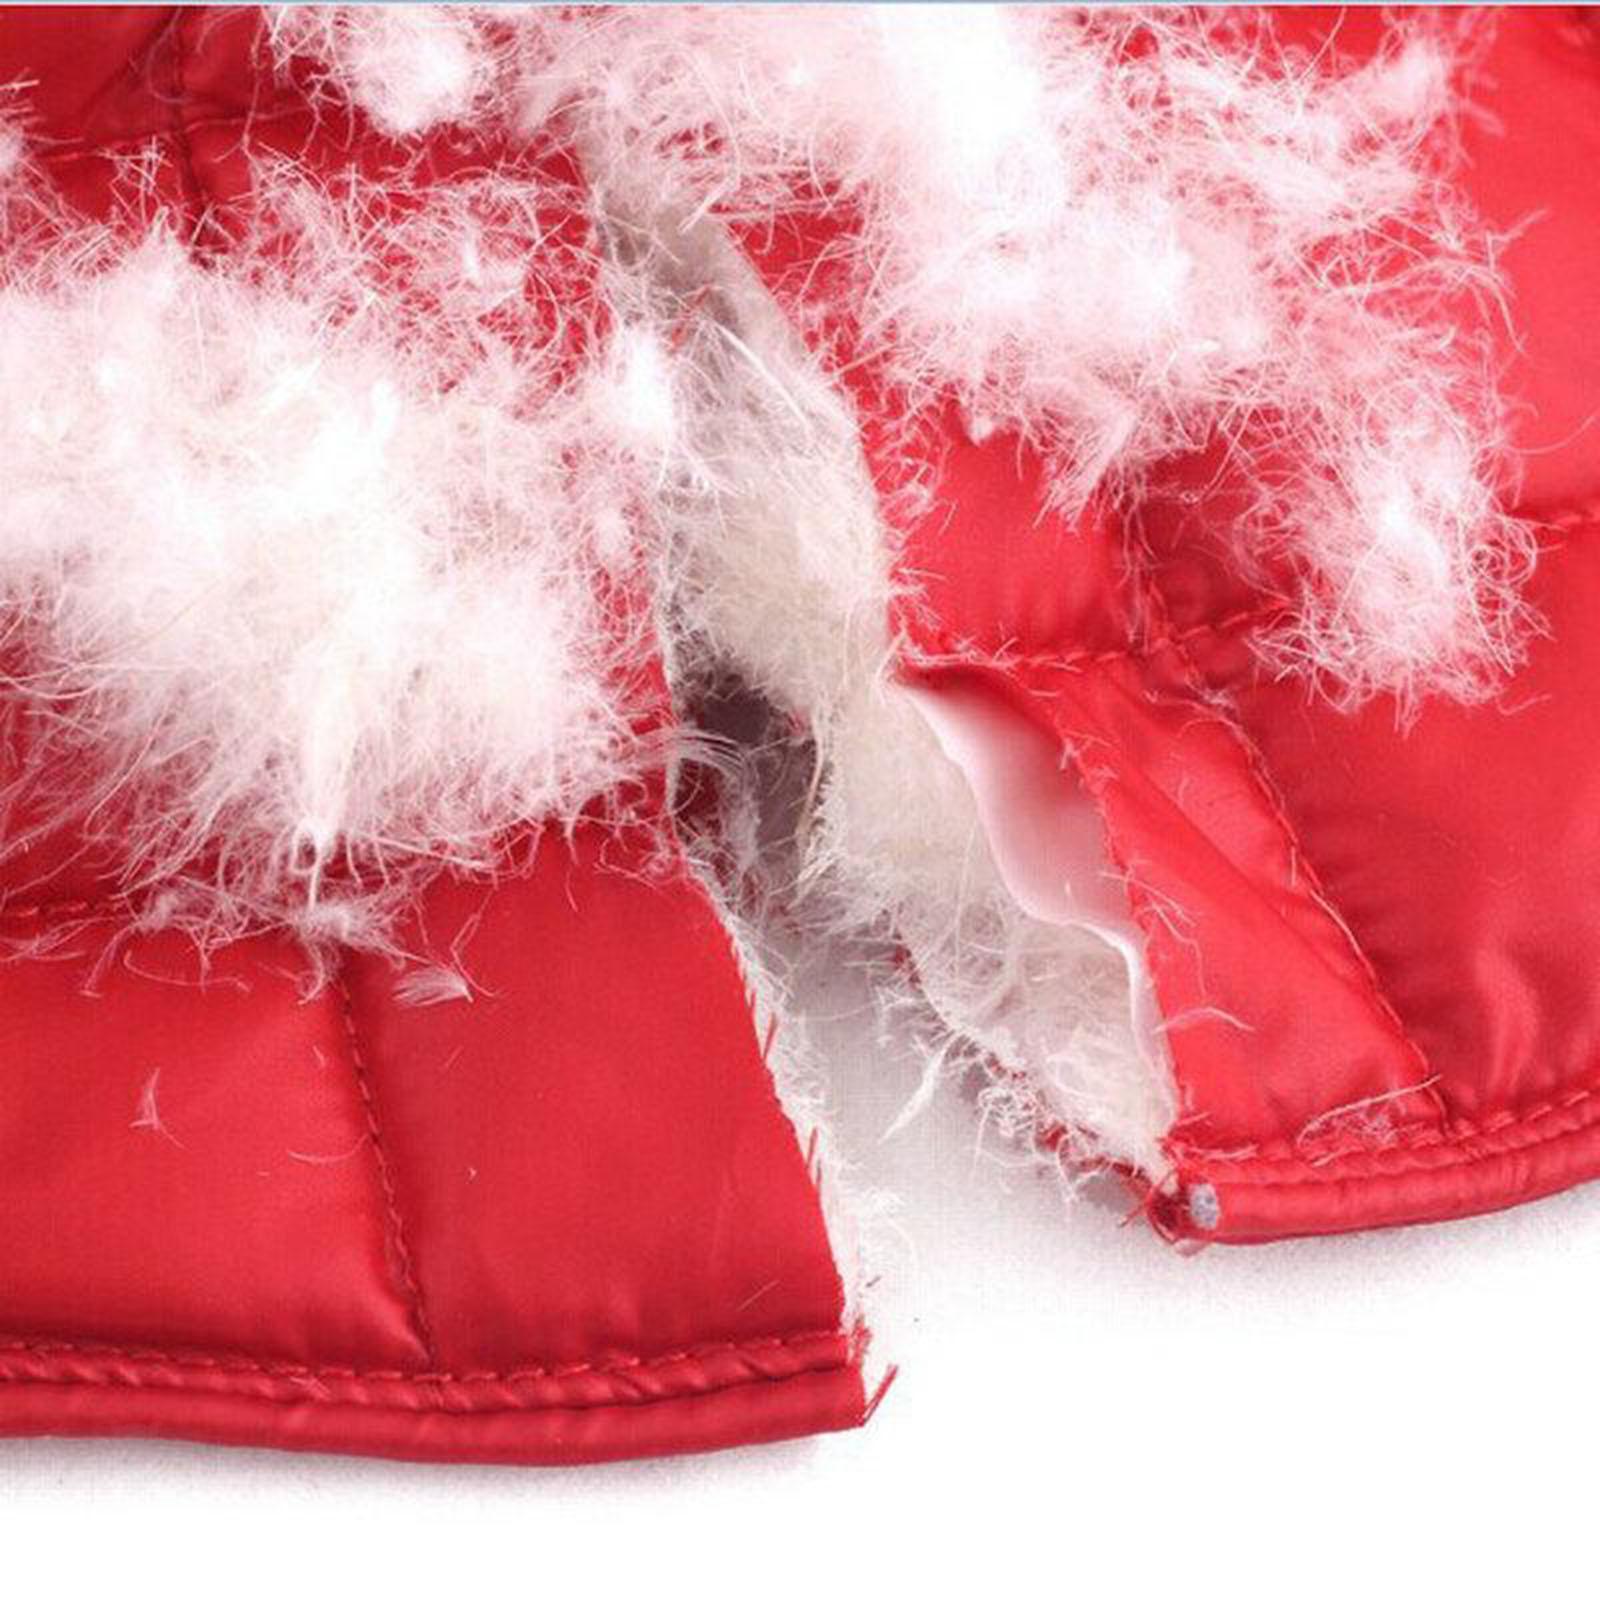 Femmes-Hommes-Down-Jacket-Chaud-Manteau-Court-Epaule-Chaud-Thermique-Wrap miniatura 71